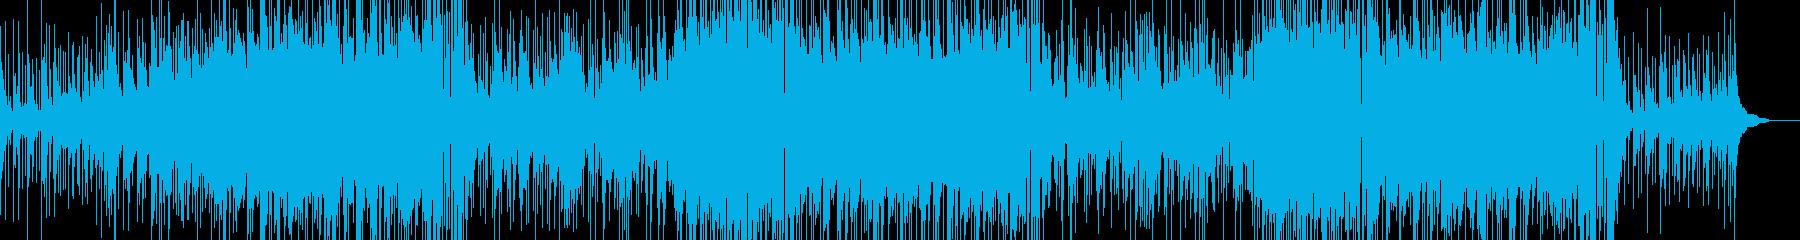 キレイなピアノに夏の涼風を感じるBGMの再生済みの波形